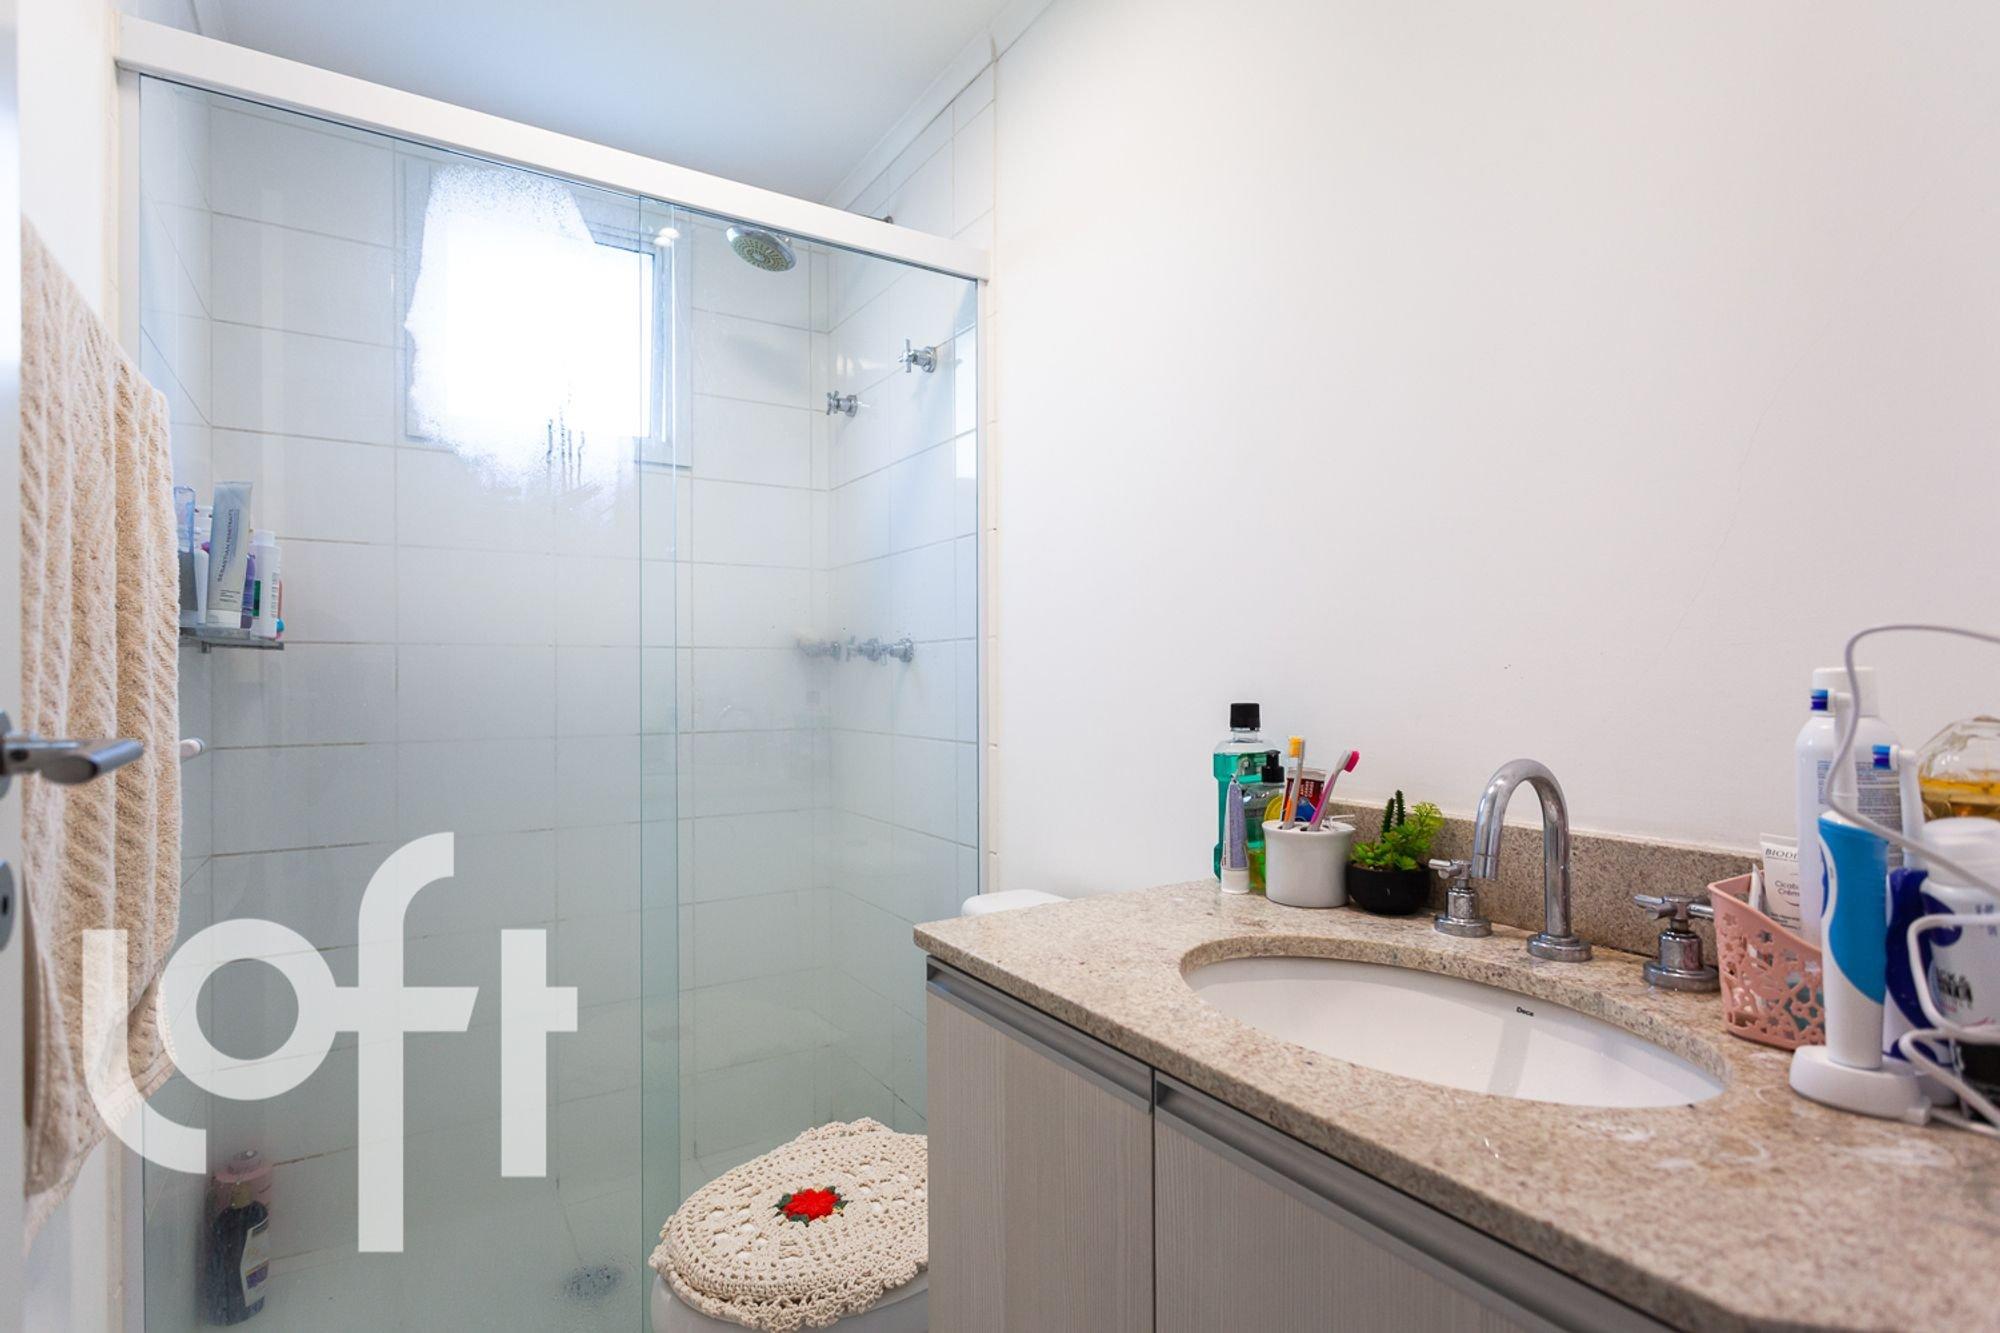 Foto de Banheiro com vaso de planta, escova de dente, pia, xícara